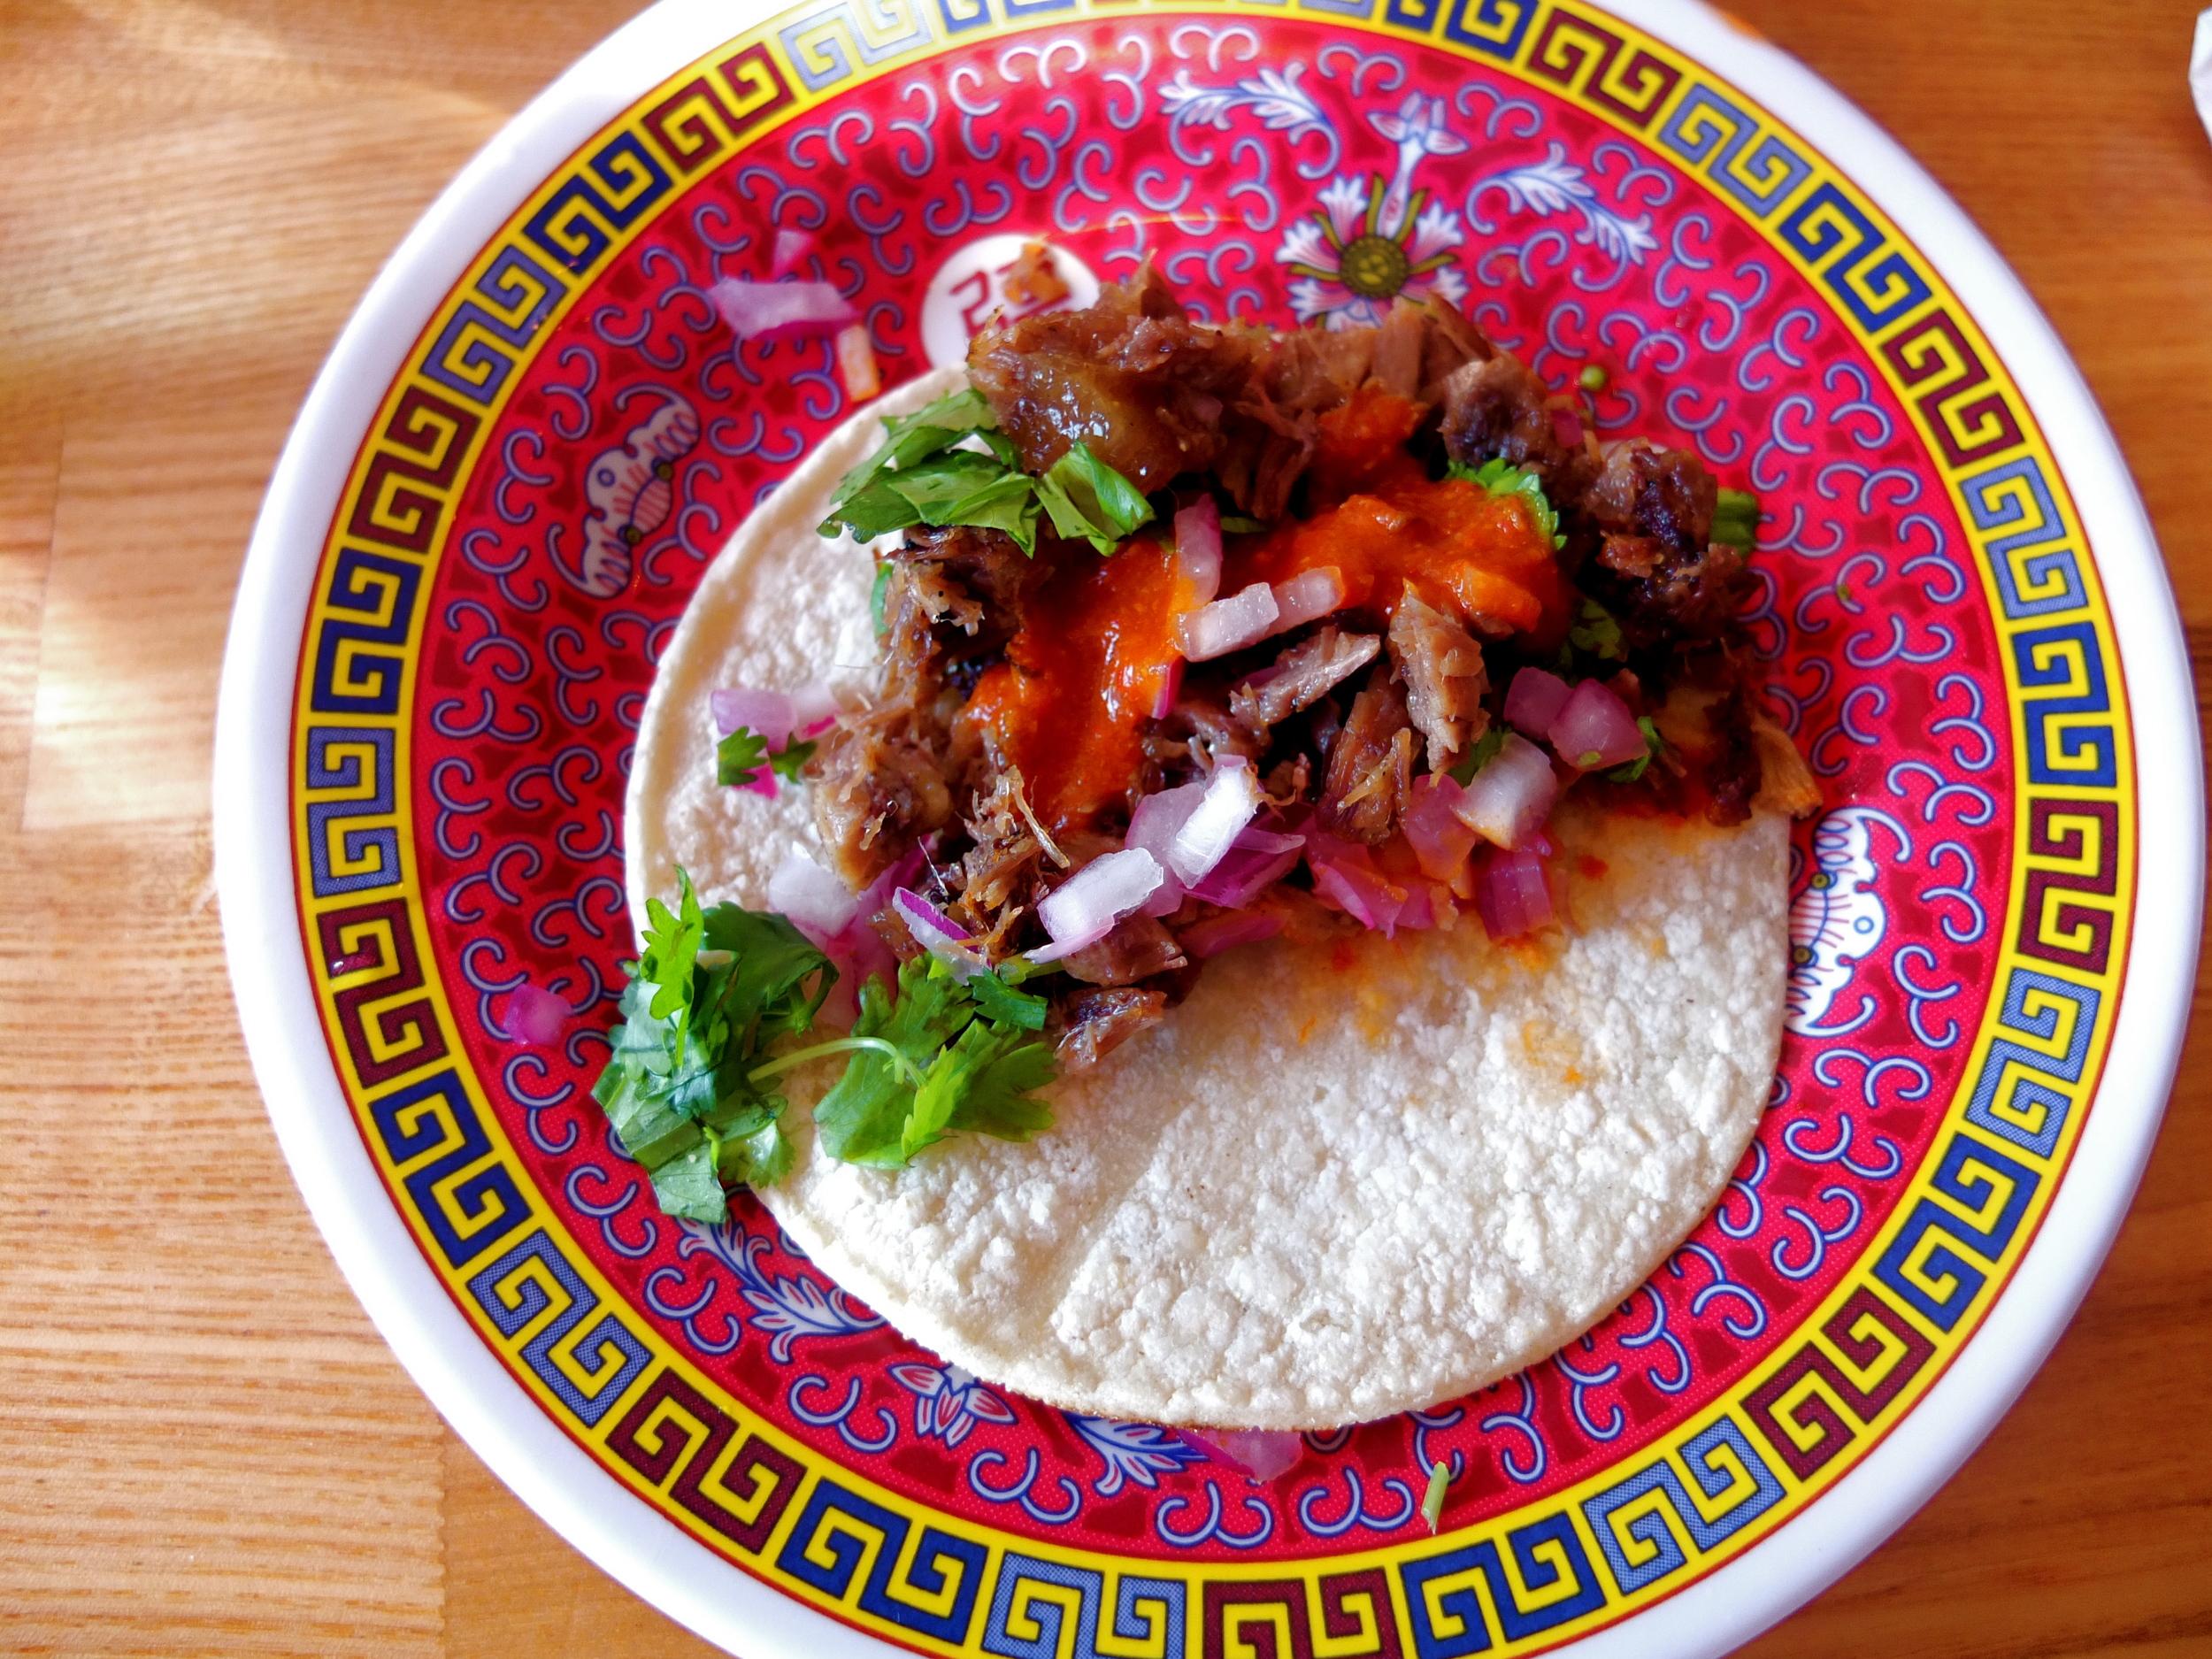 The Boston Globe, 5/14/13  Pho Beef Tacos  (Xoia, Los Angeles, California)